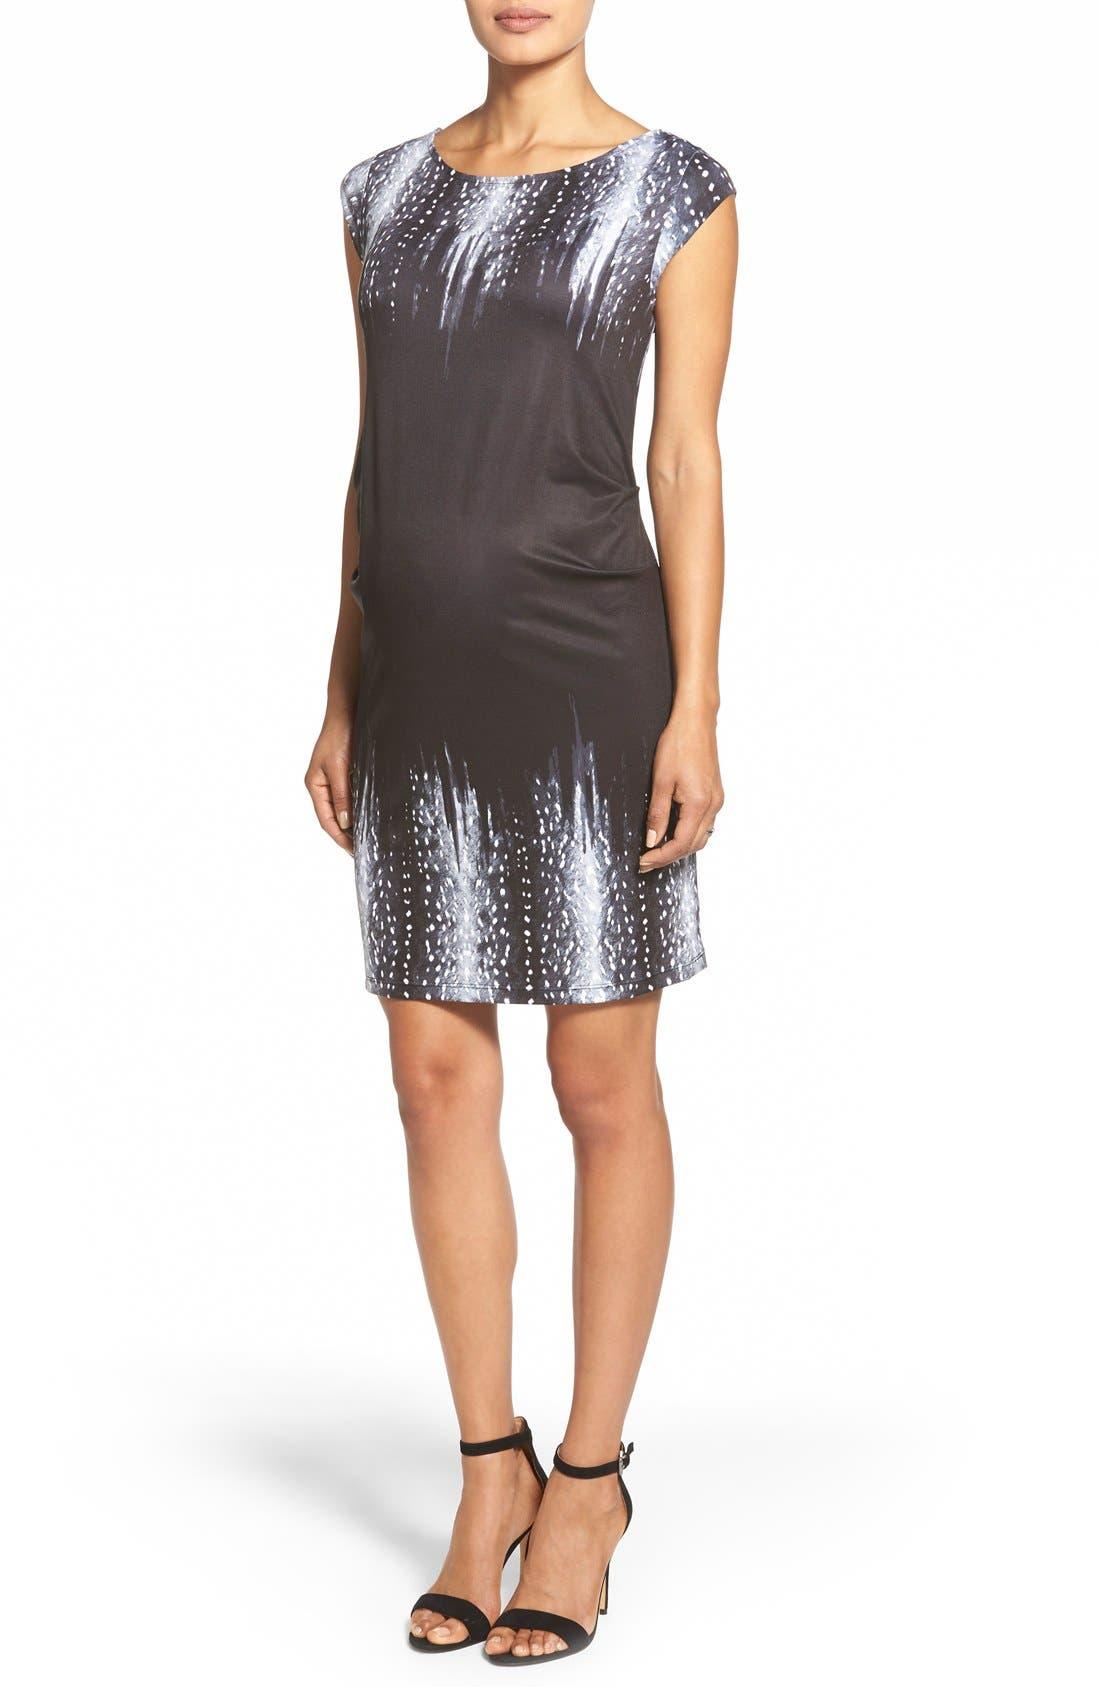 TART MATERNITY 'Jillian' Cap Sleeve Maternity Dress, Main, color, FAWN BORDER